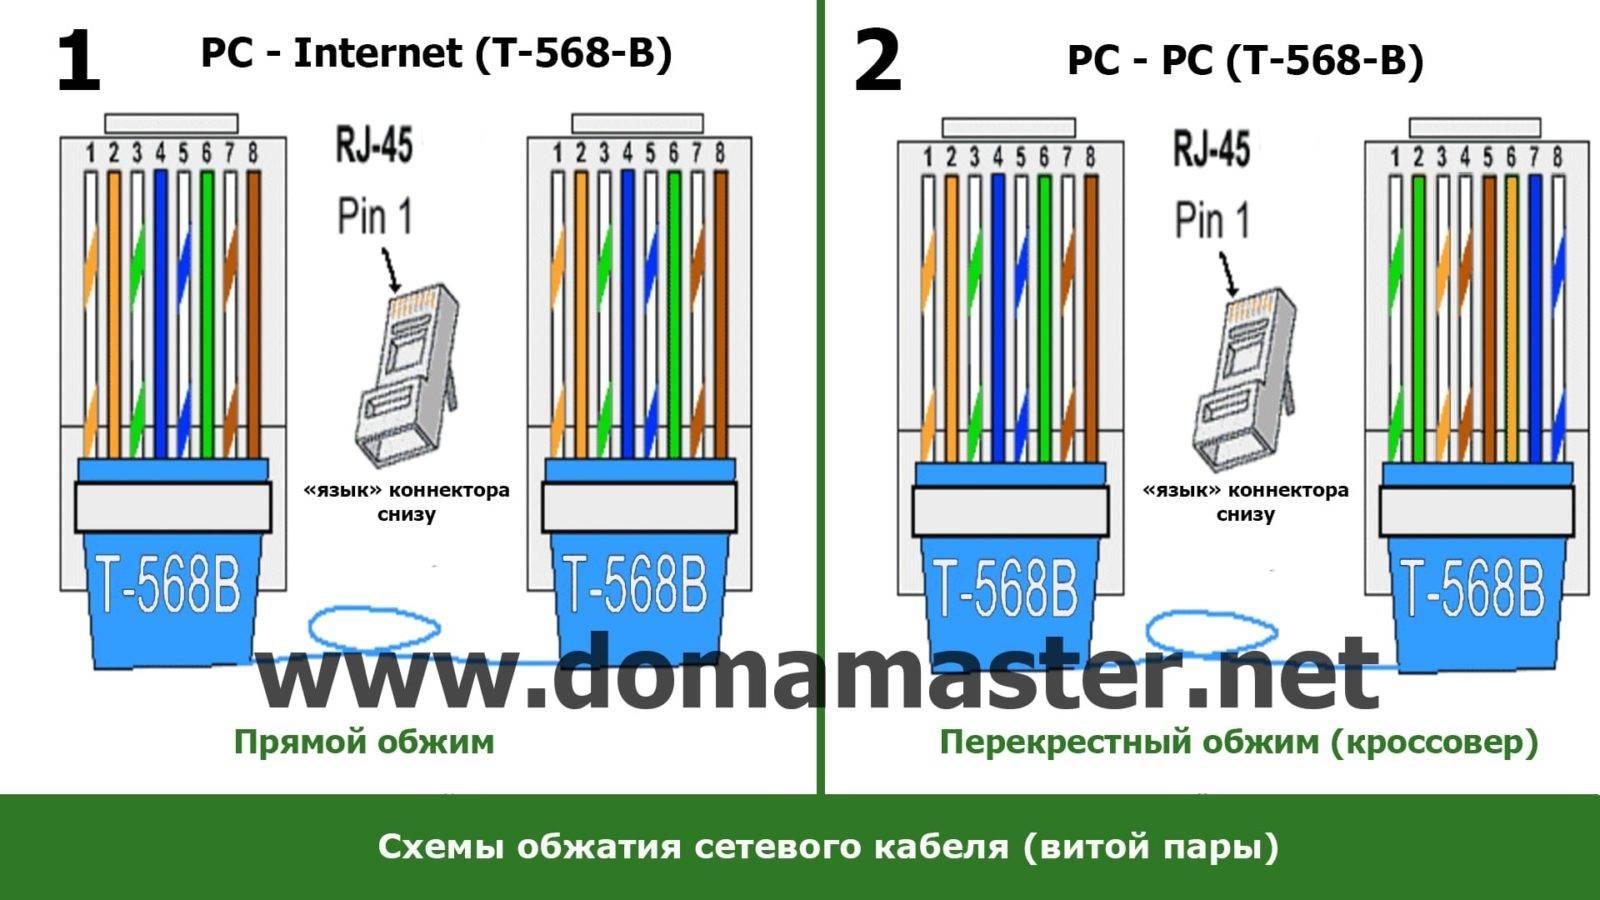 Обжим витой пары: необходимые инструменты, способы обжатия сетевого провода и процесс, схема